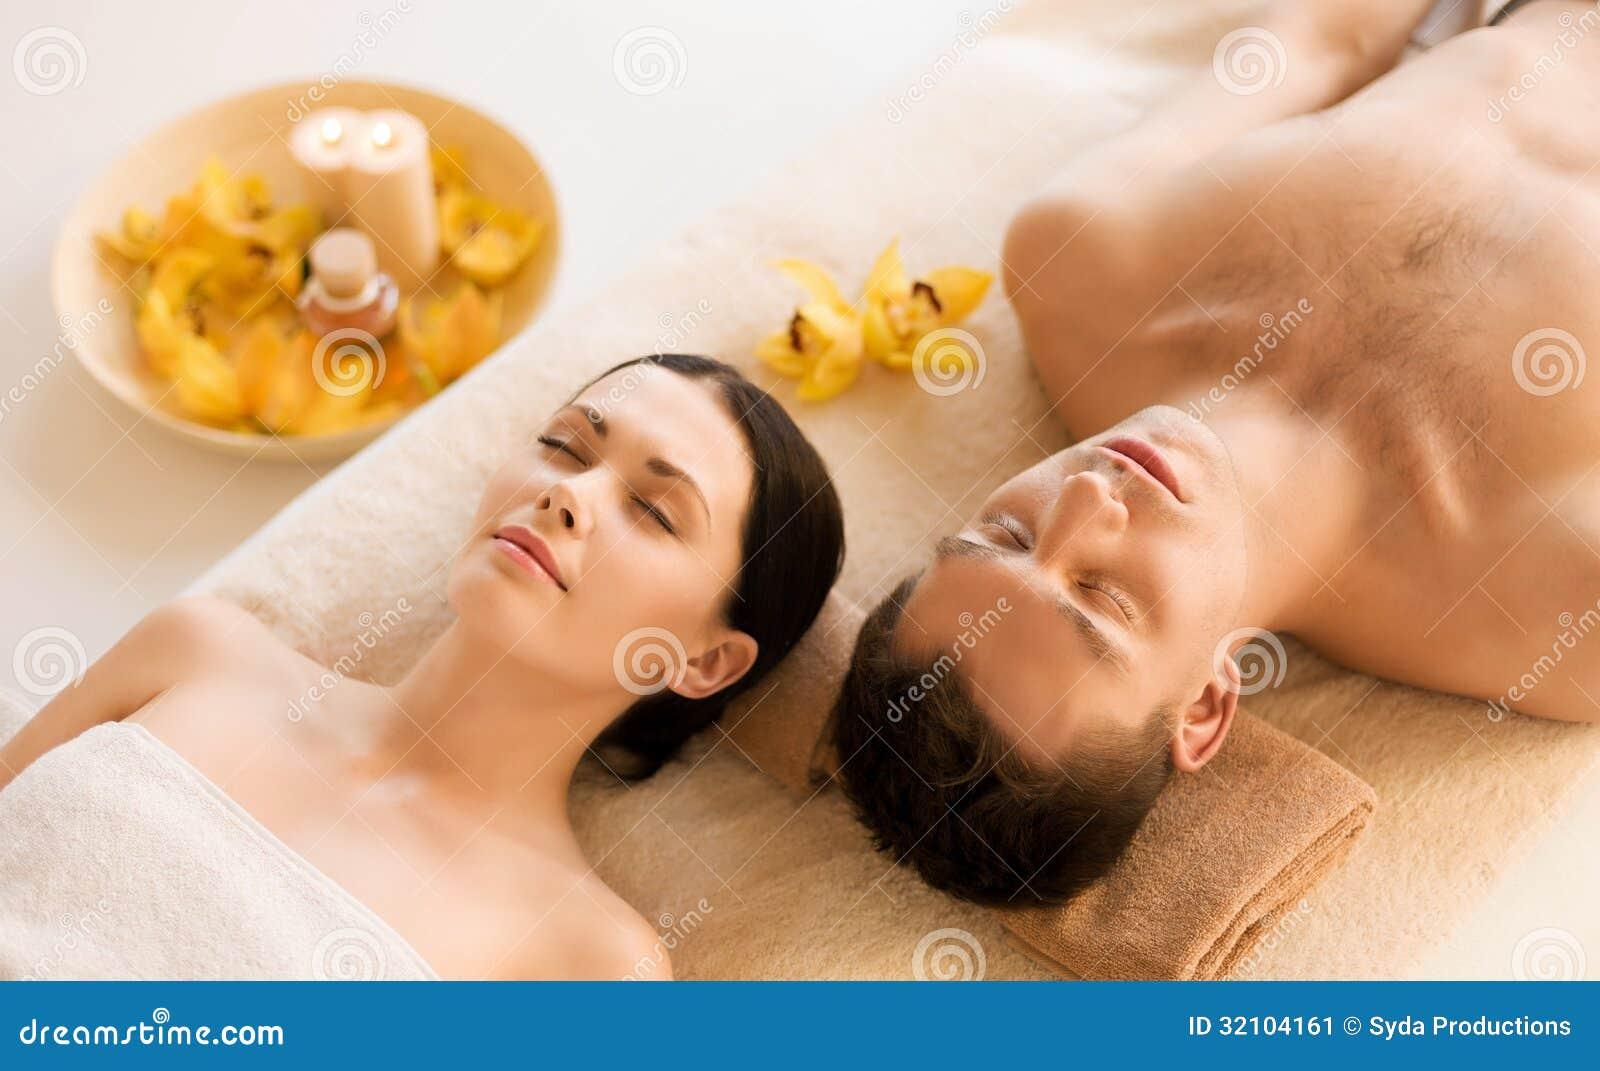 Семейная пара и массаж 5 фотография